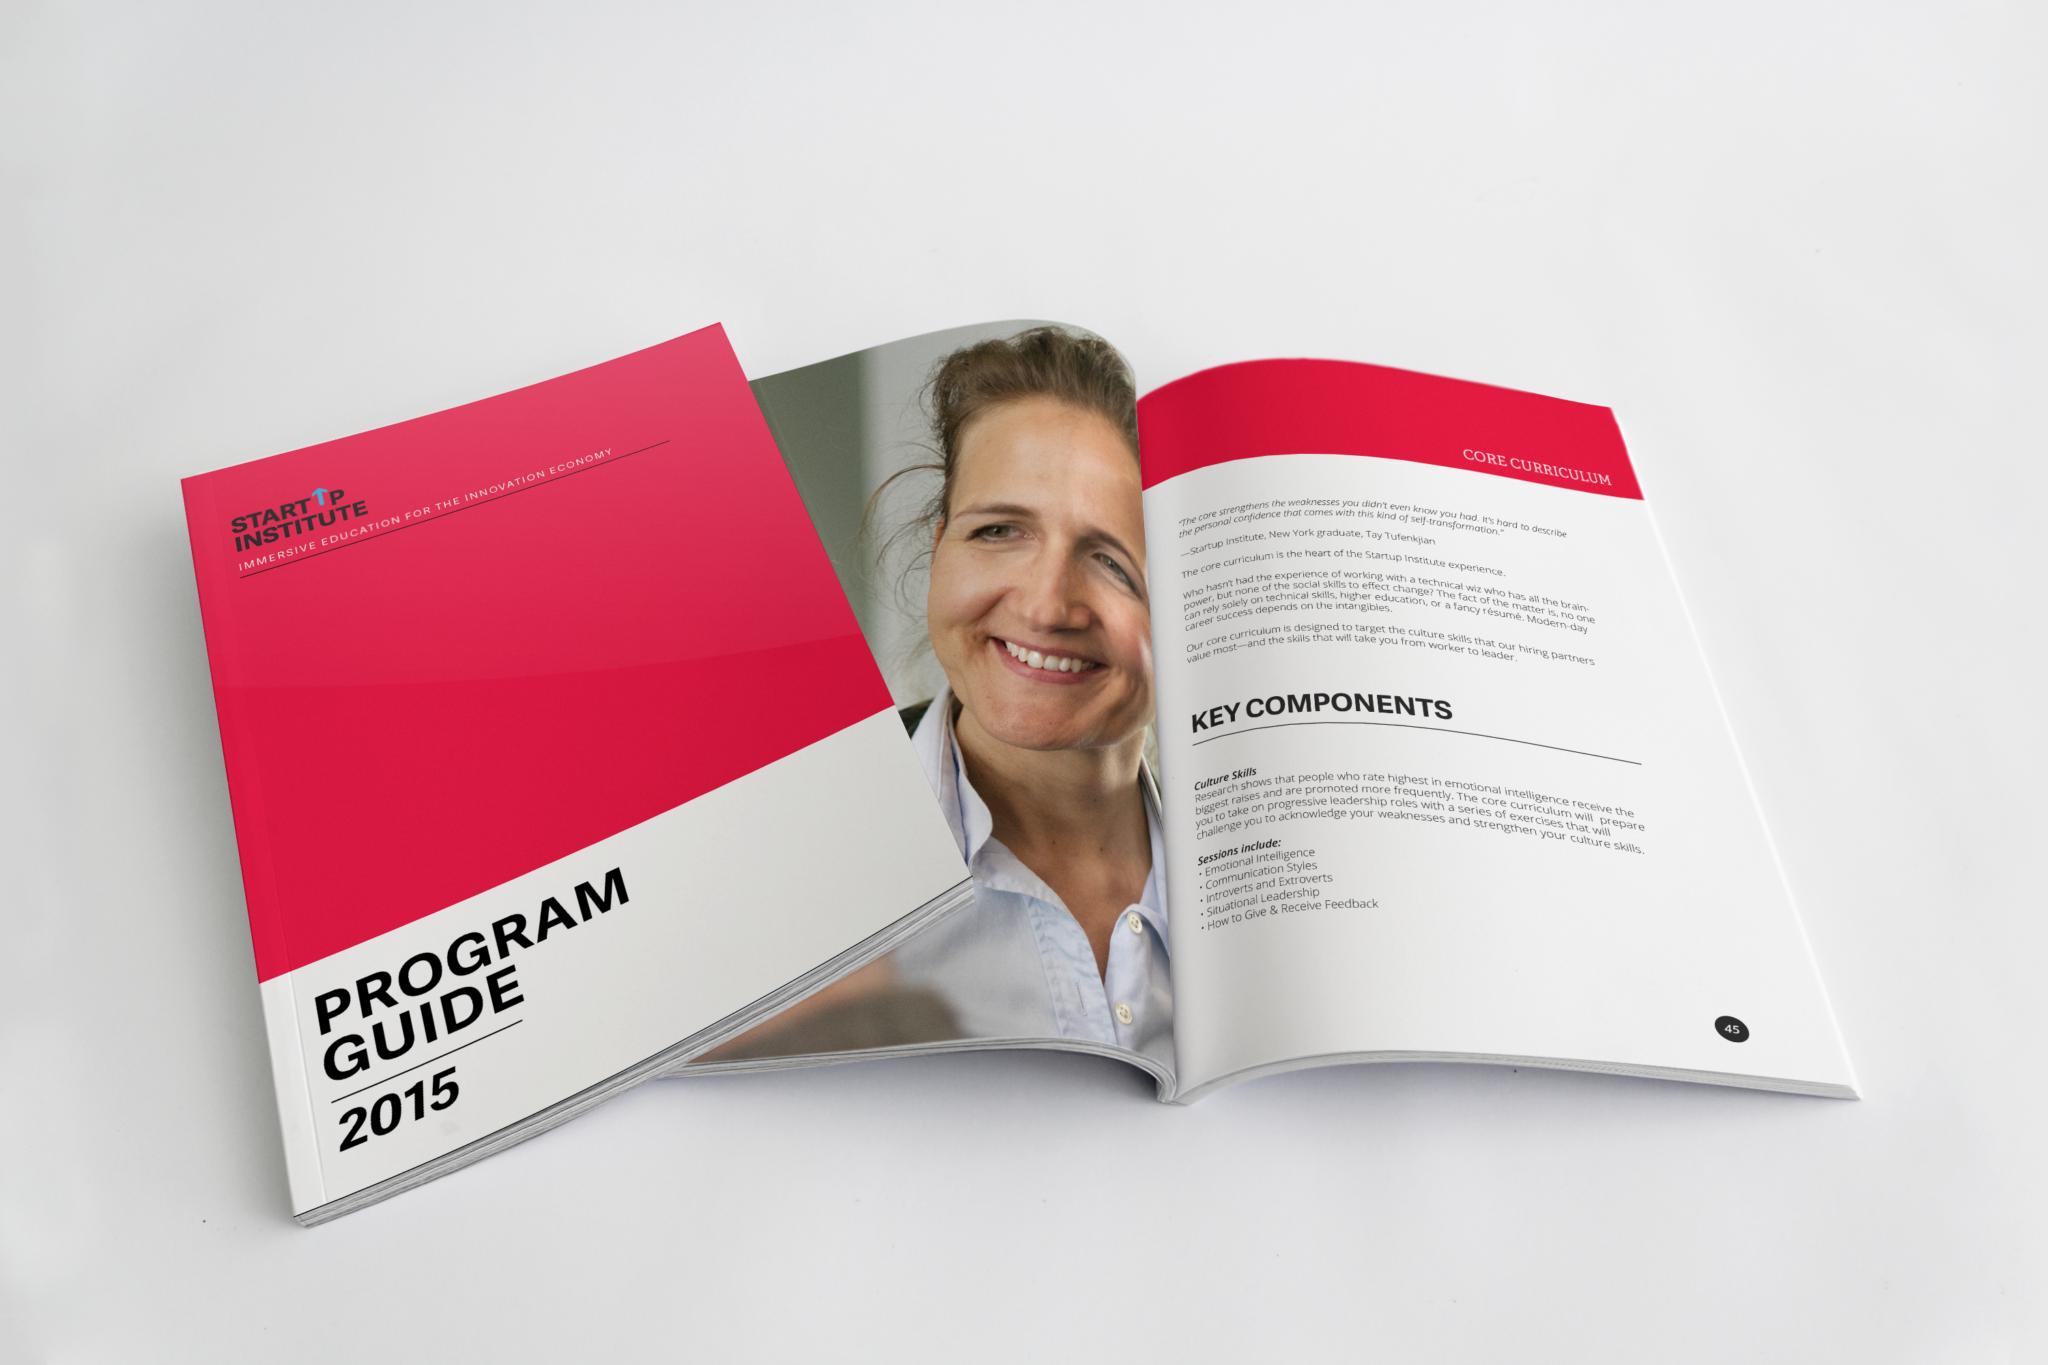 si-program-guide-mockup